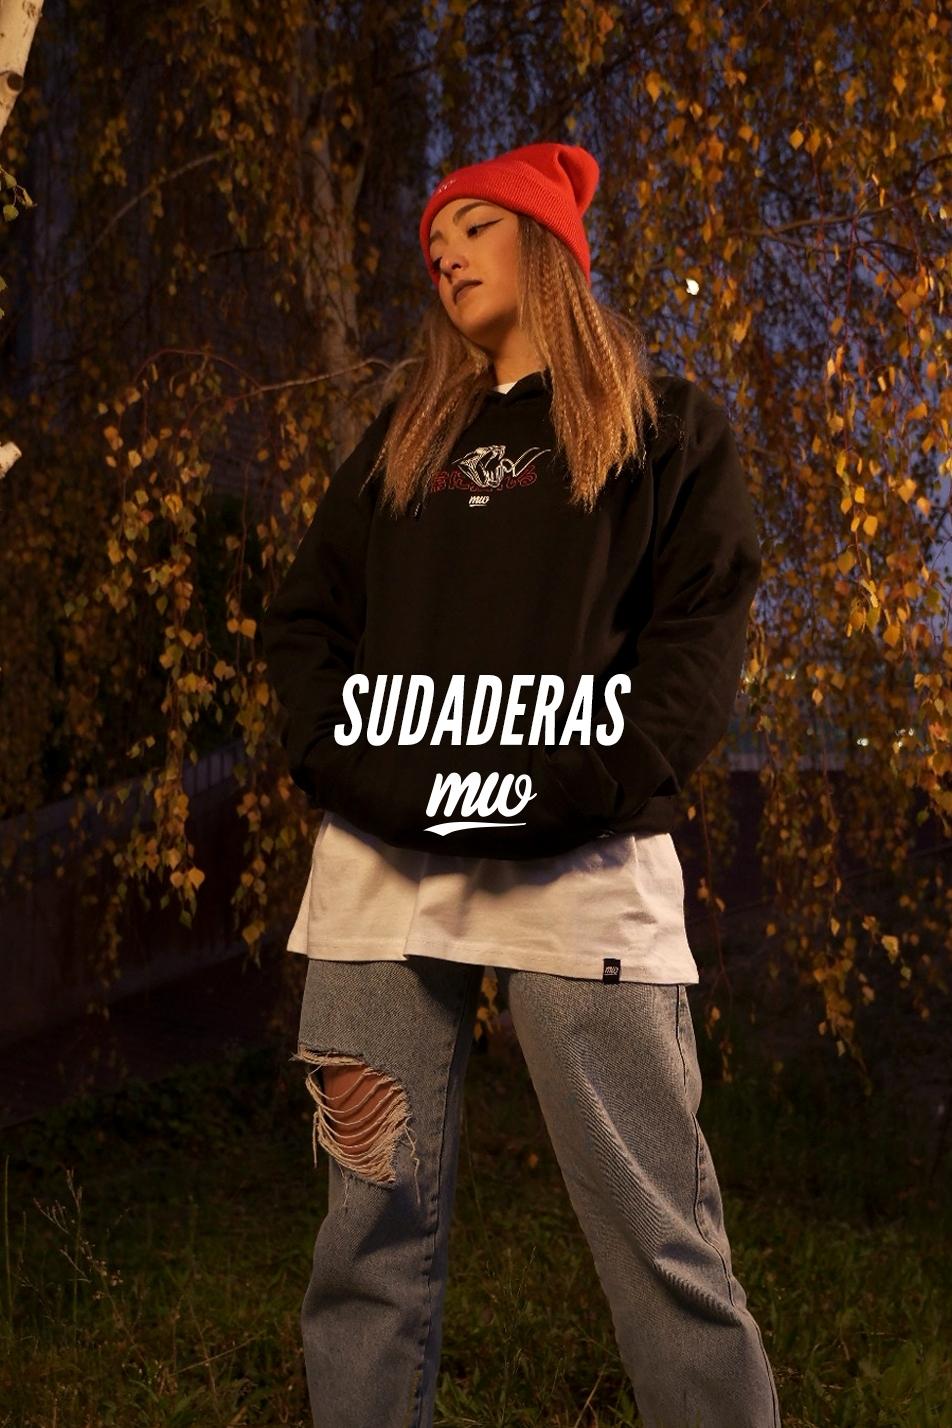 *SUDADERAS